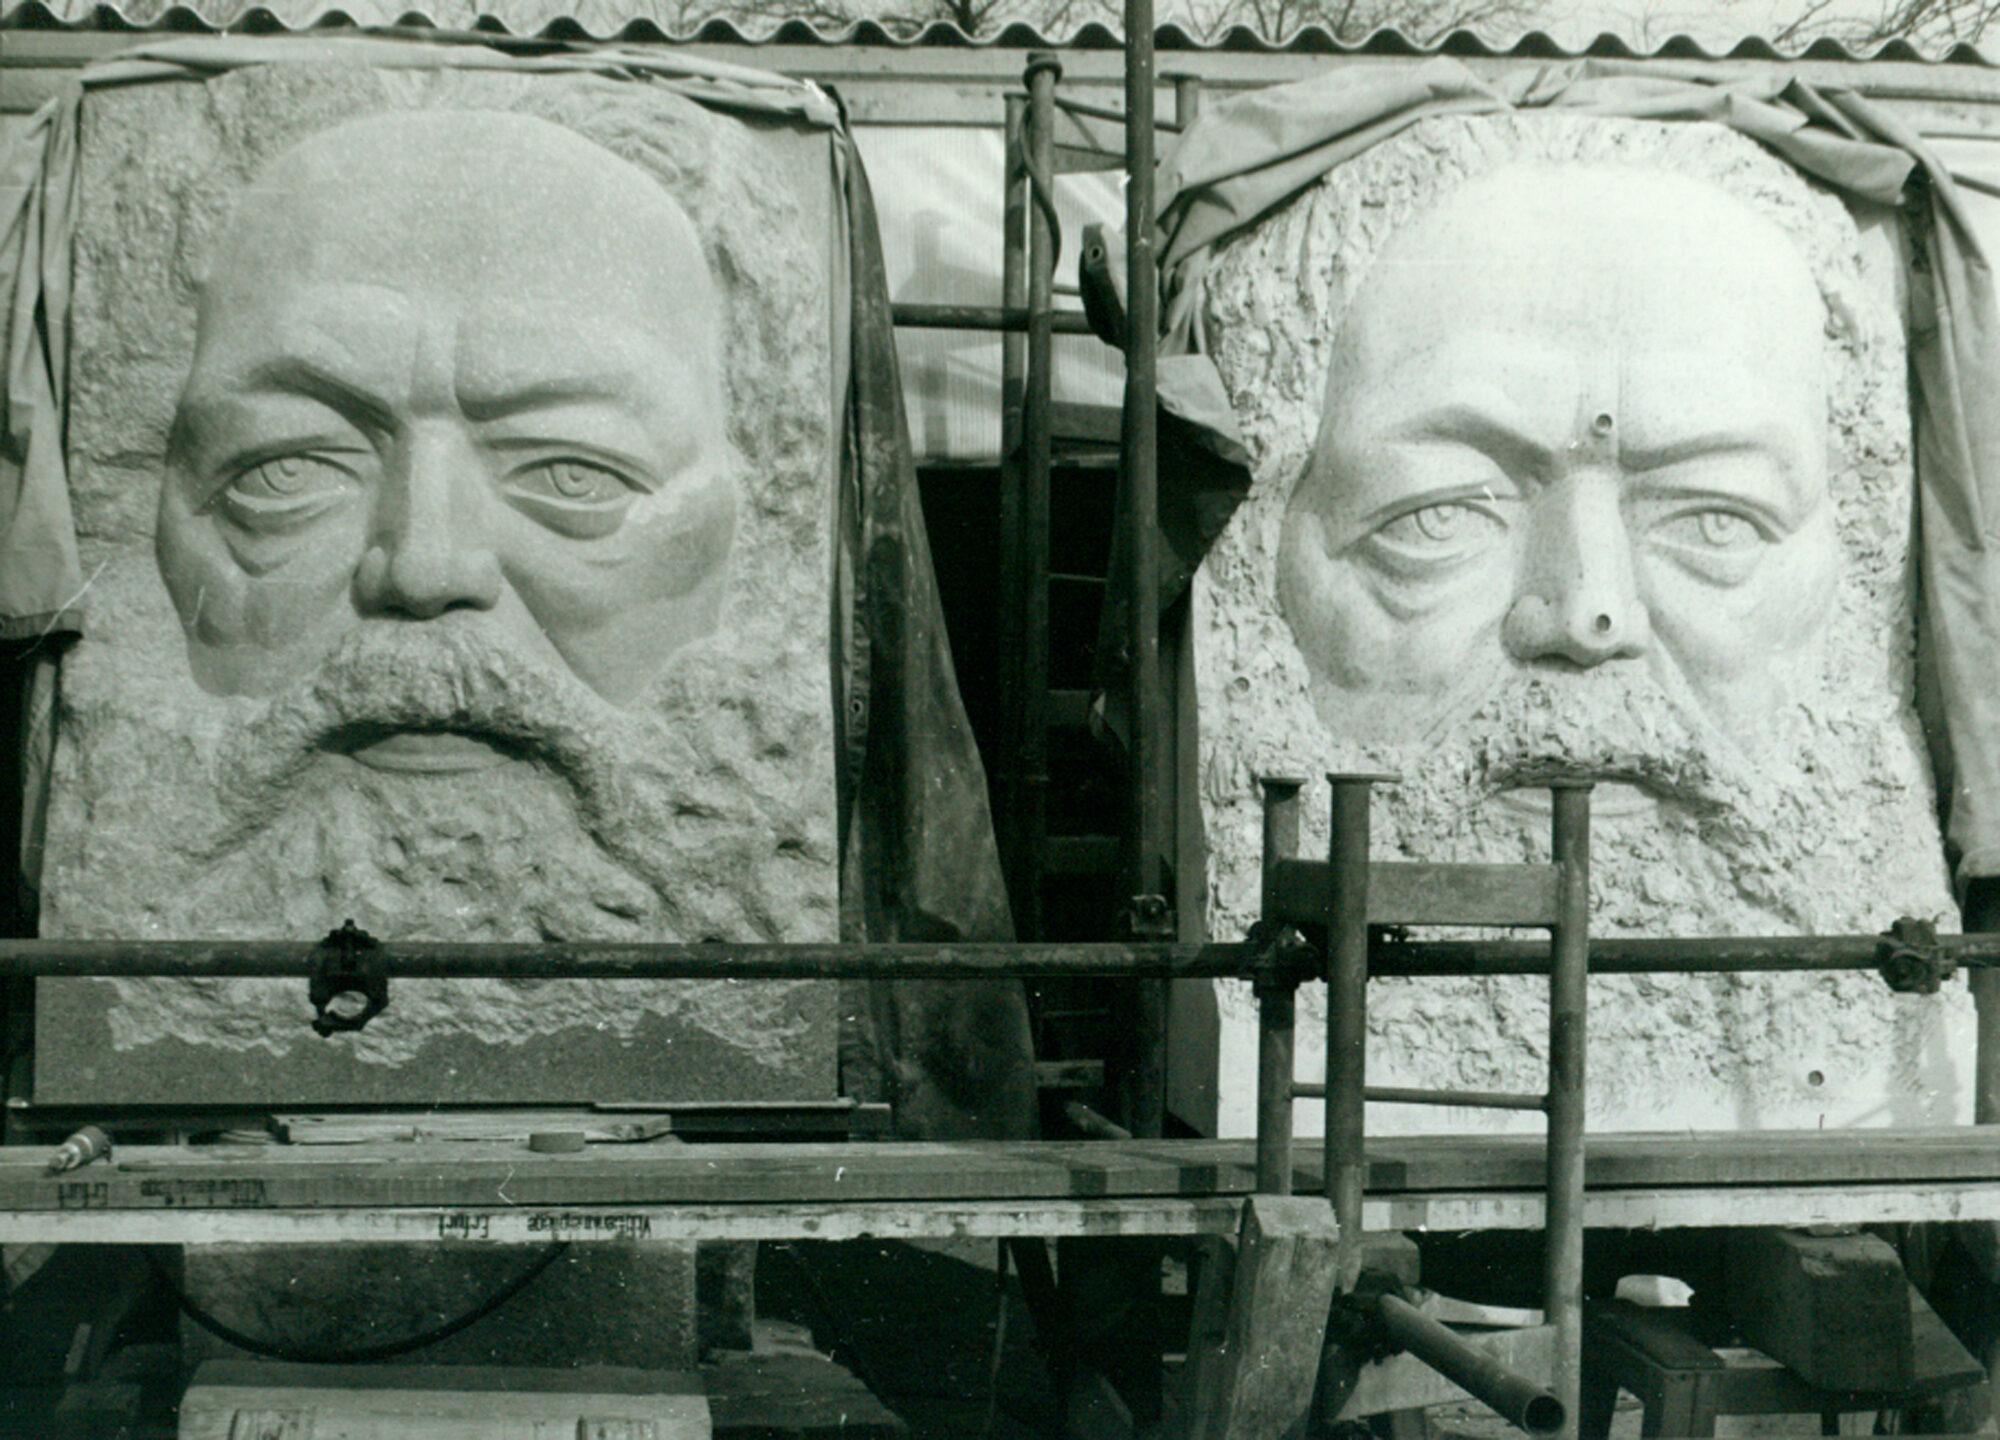 Jo Jastram, Marx-Denkmal für Addis Abeba. Foto: Dank an Galerie Weise, Chemnitz.